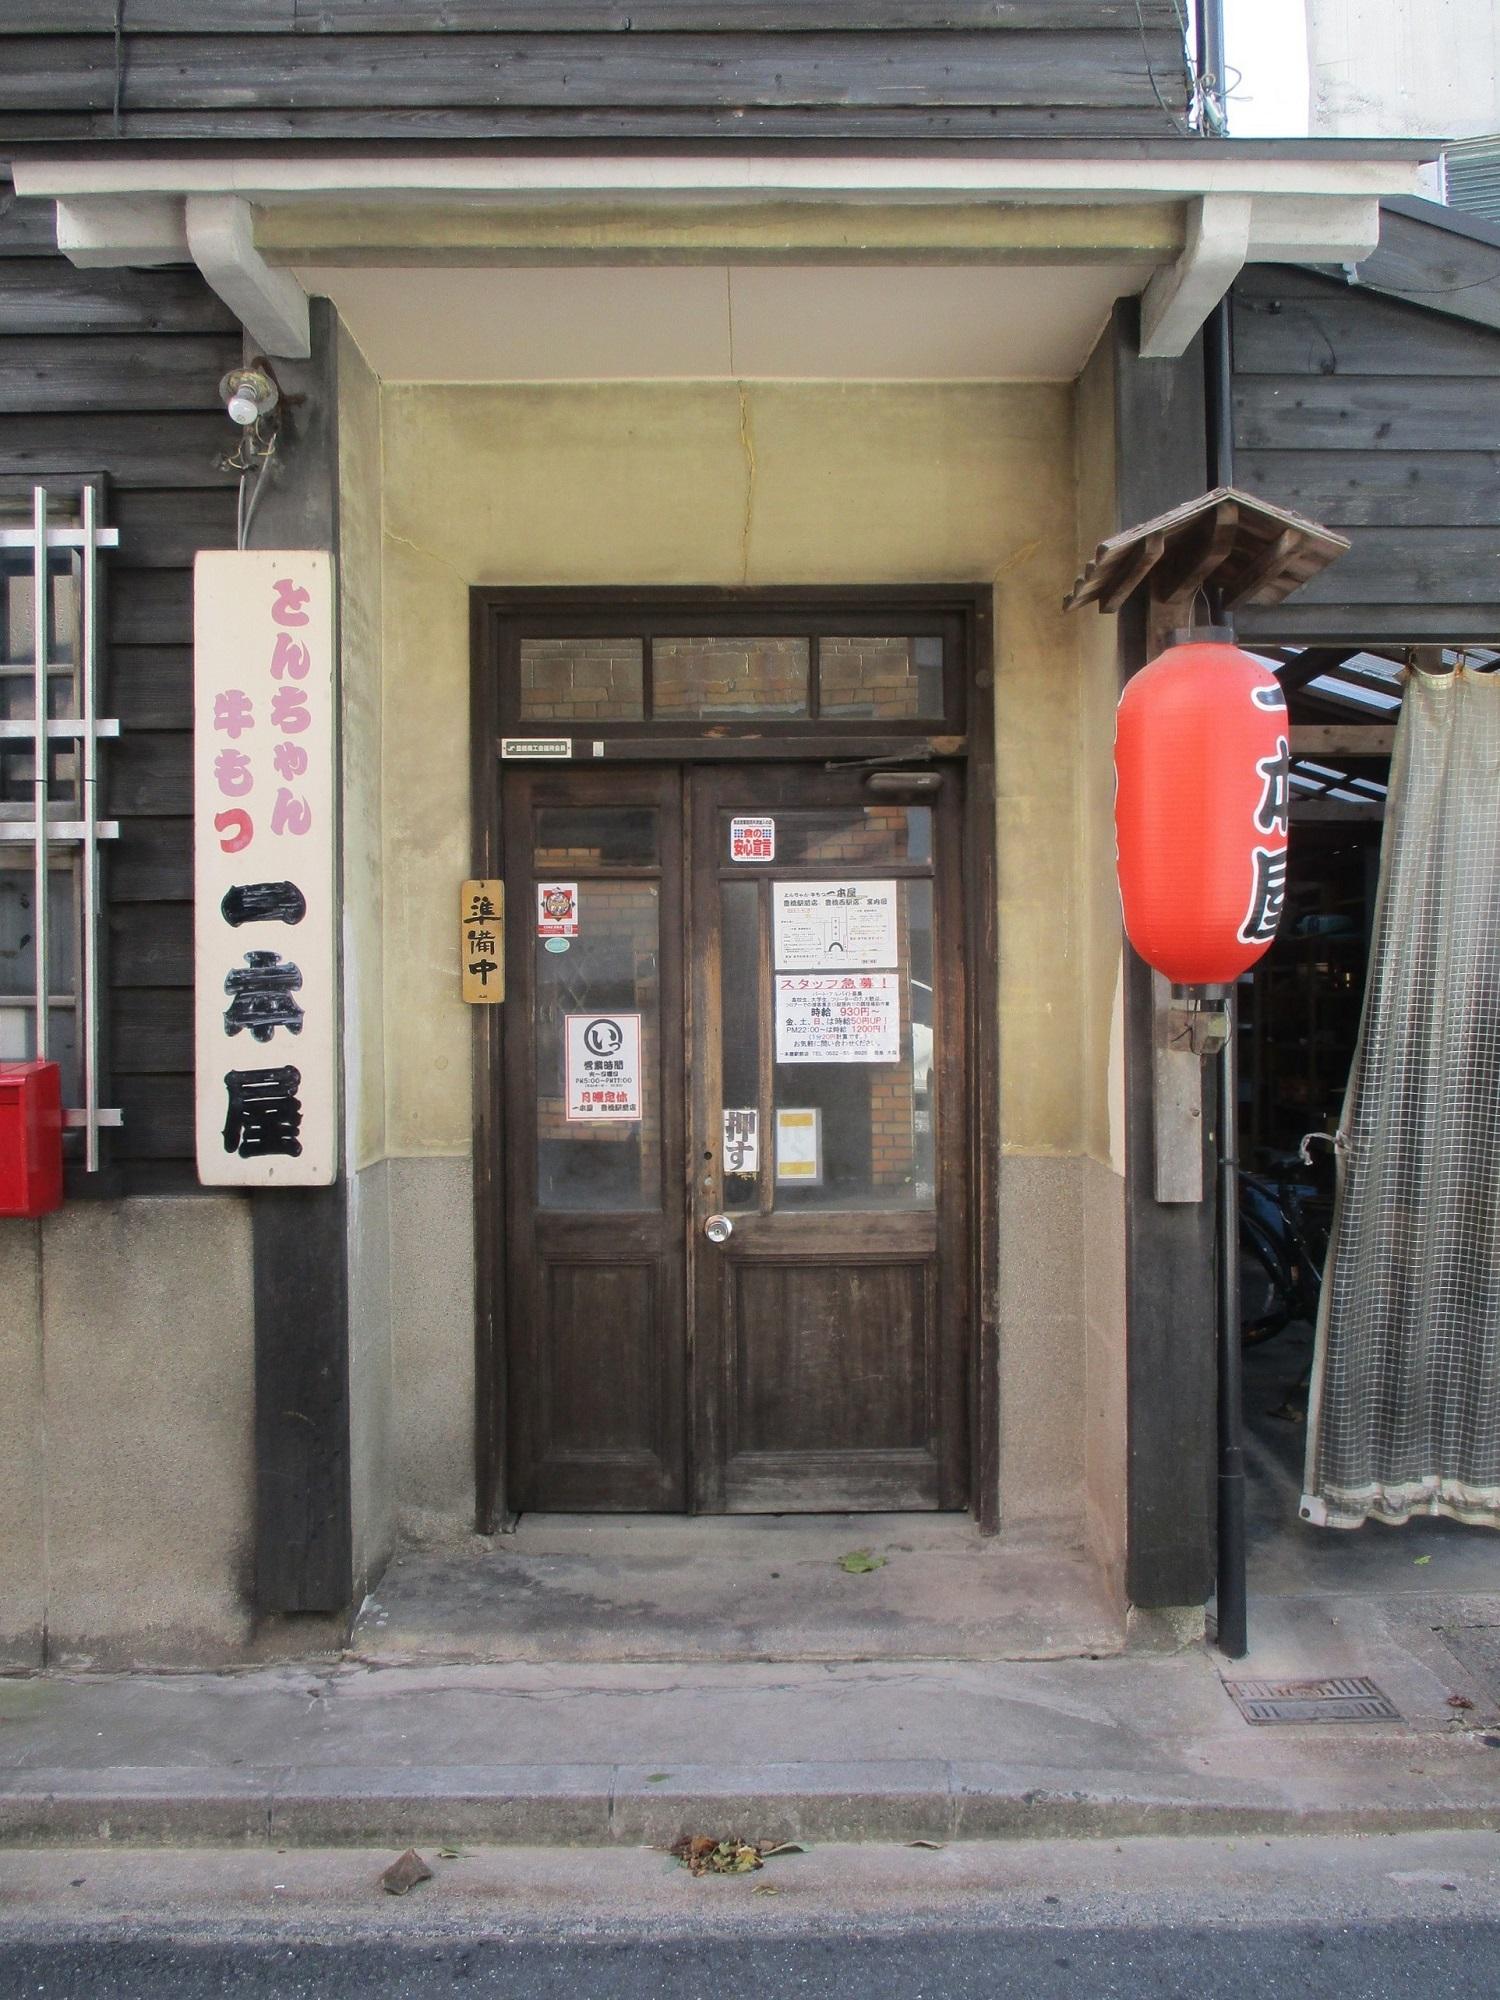 2019.10.13 (29) 豊橋 - 一本屋 1500-2000